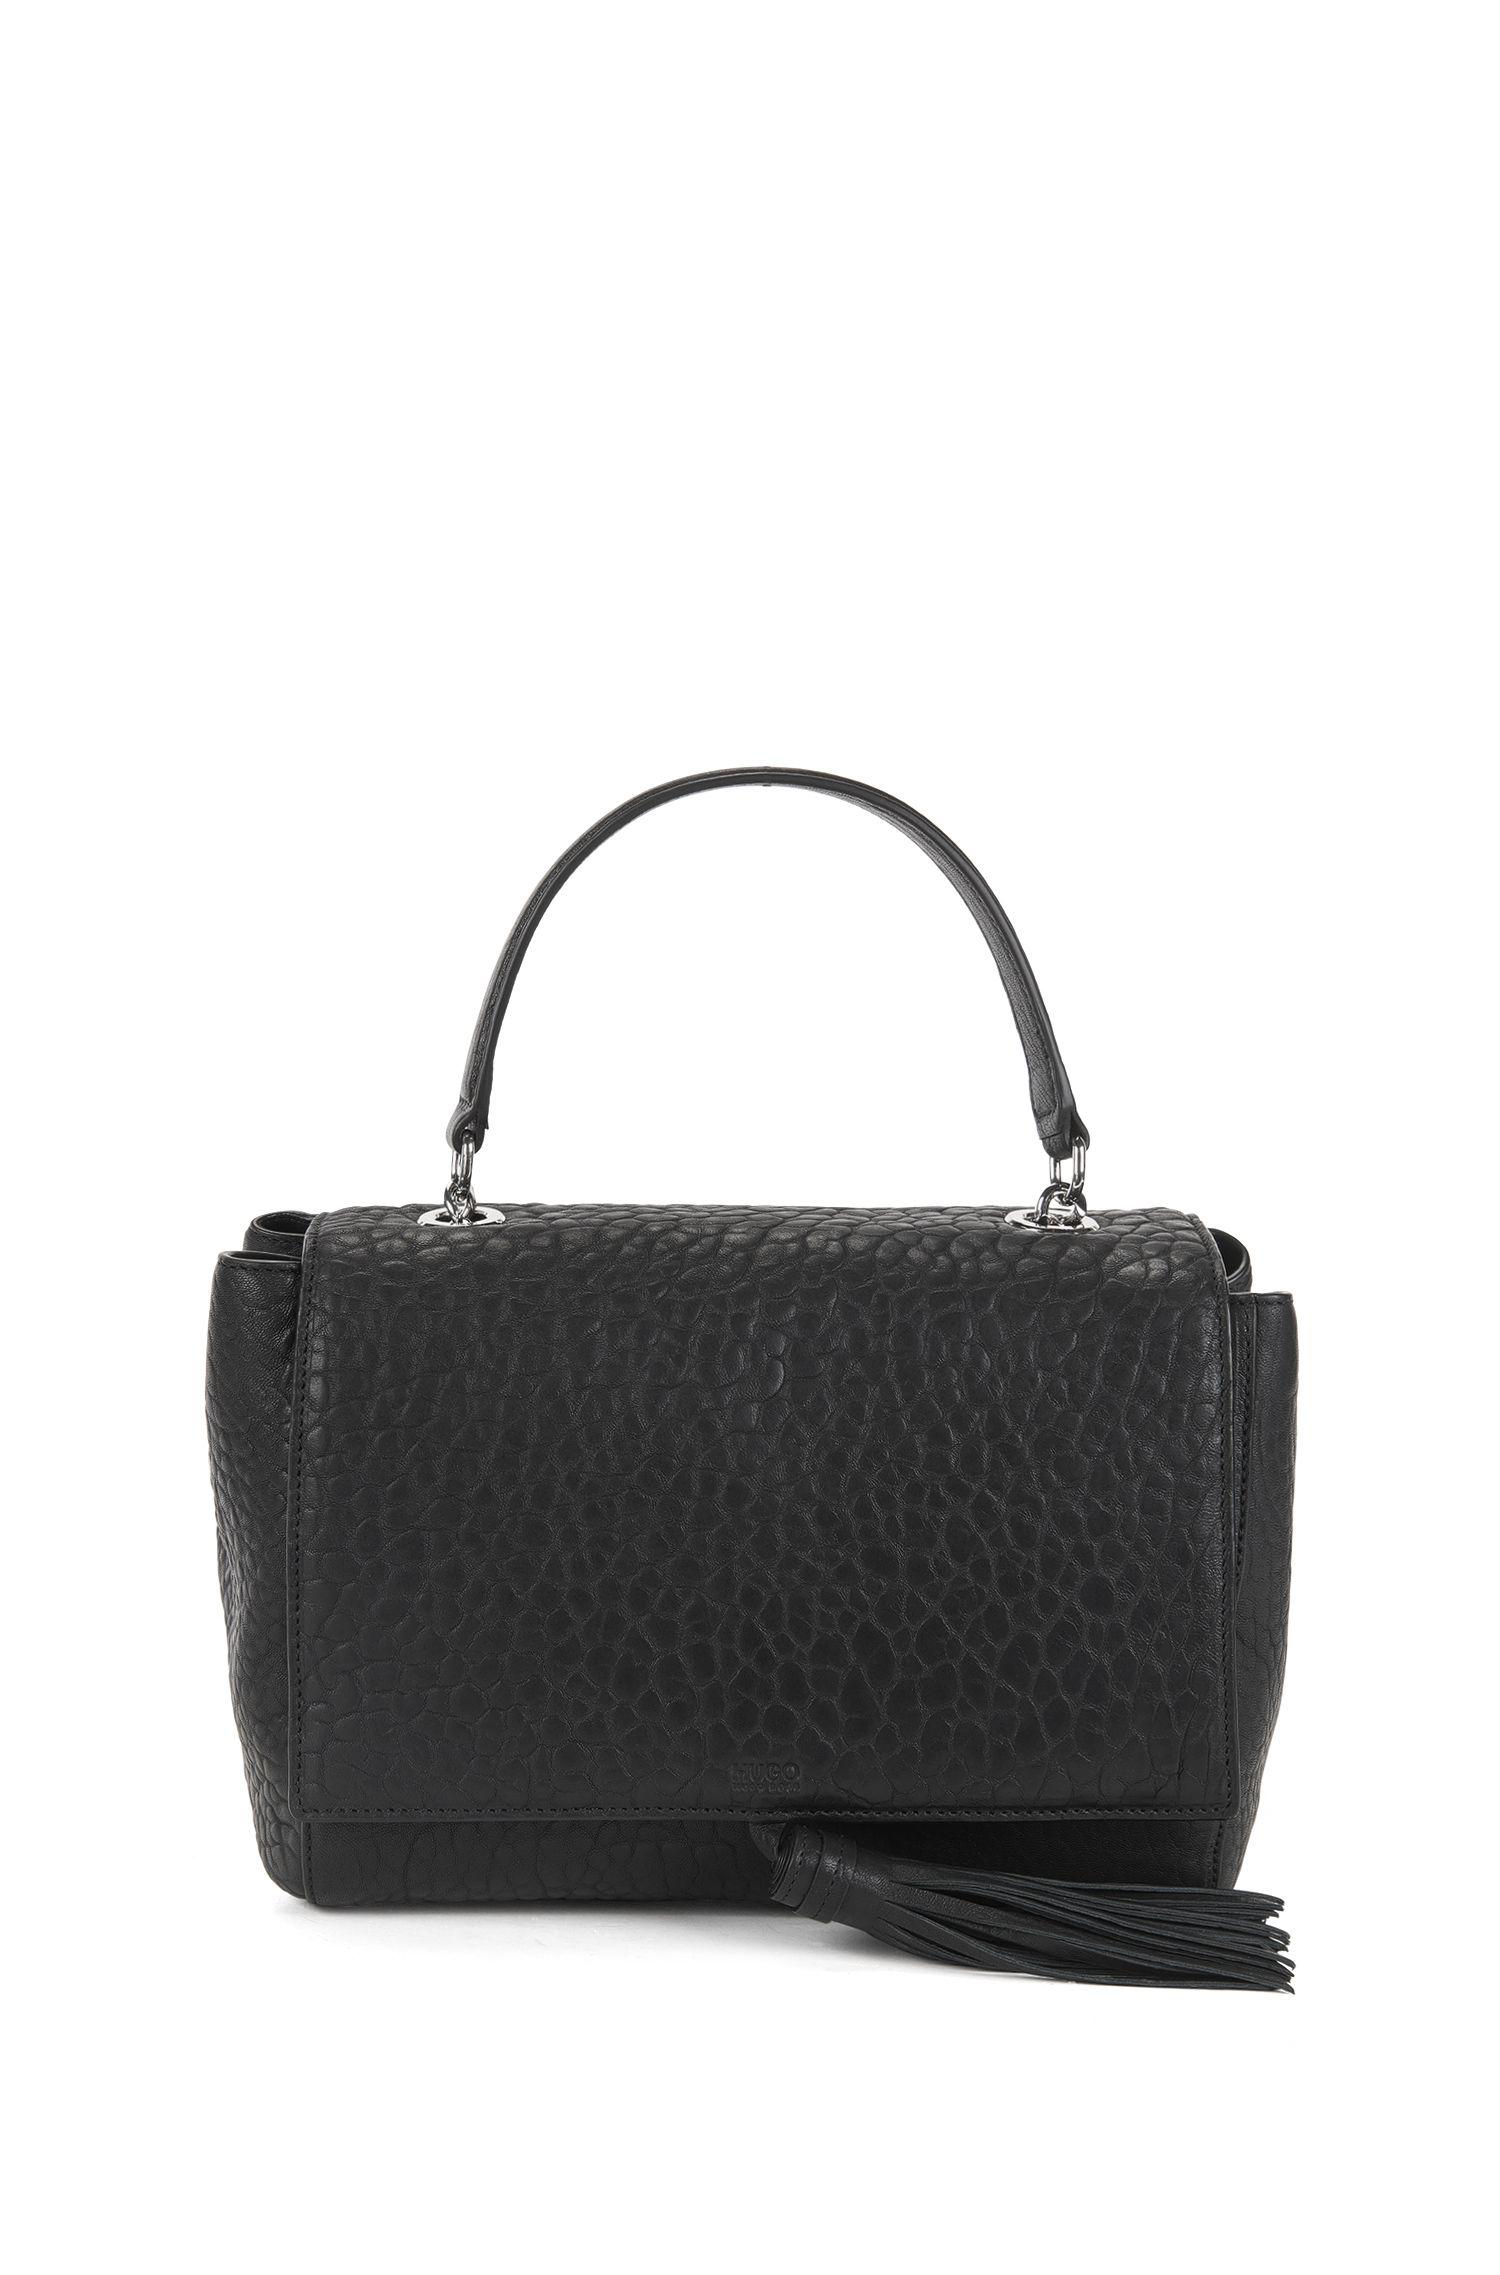 Handtasche aus italienischem Leder mit Tragegriff